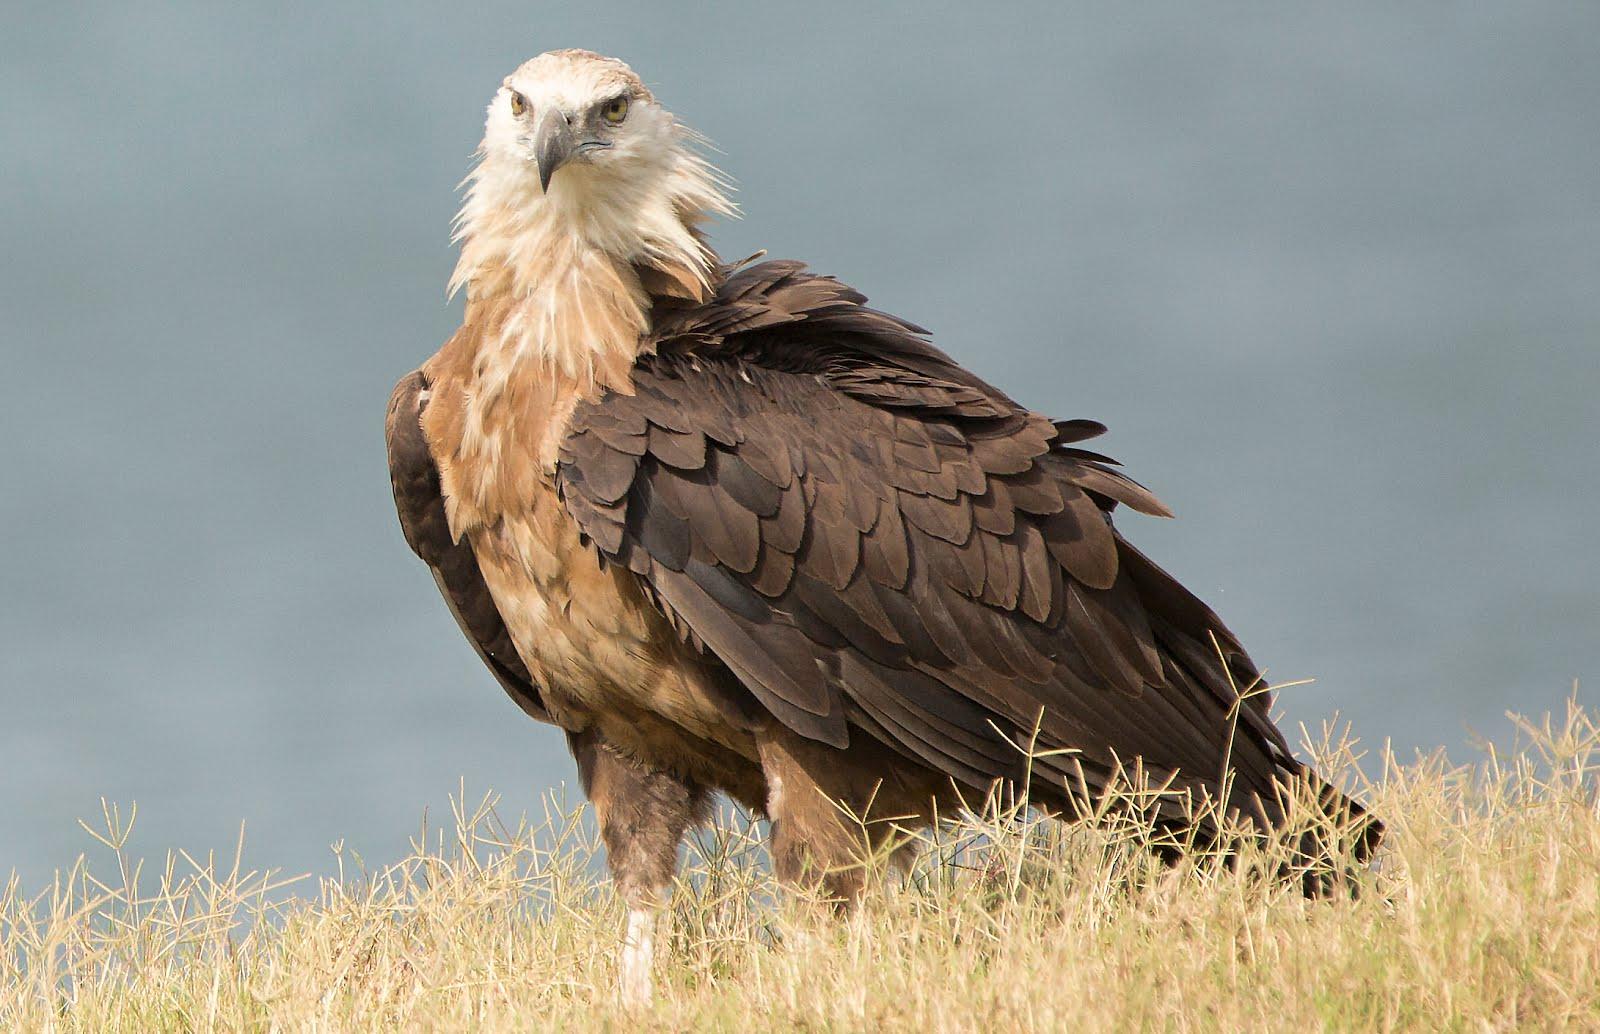 عقاب دریایی پالاس رنگ چشمانش زرد مایل به قهوه ای ، منقارش و پاهایش خاکستری رنگ است.